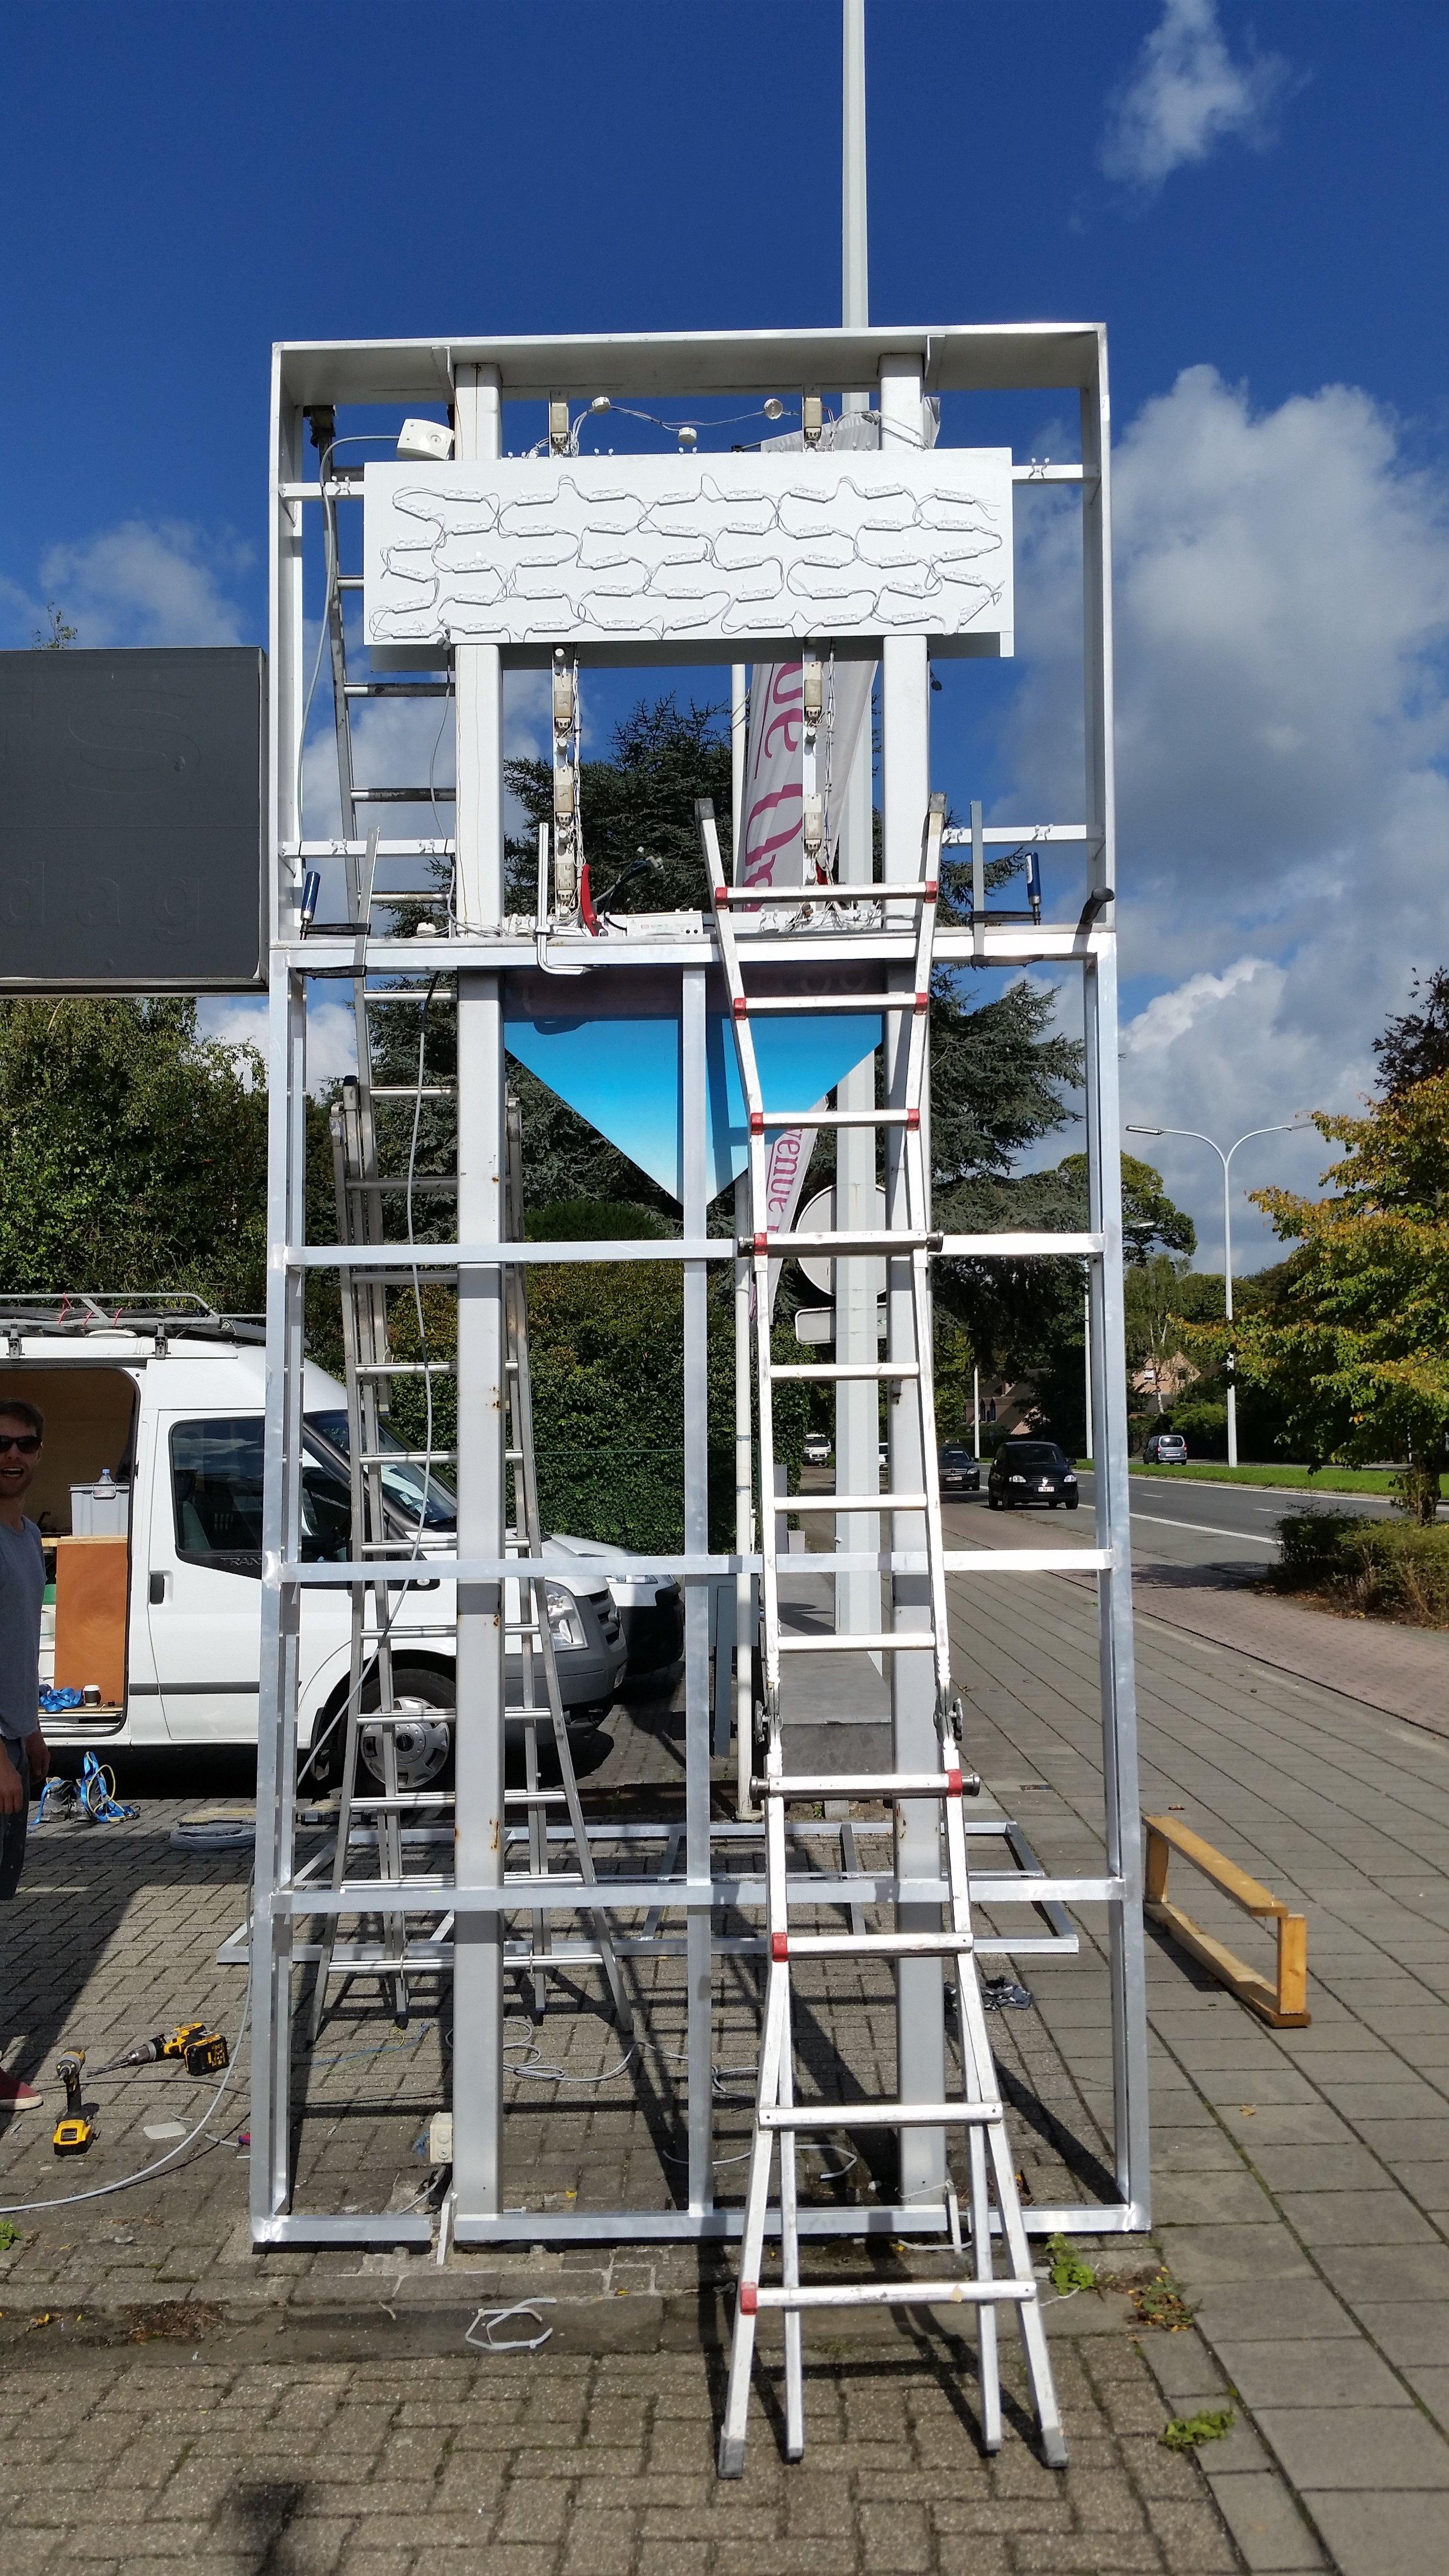 Ombouw reclamezuil (aluminium frame+LED verlichting)